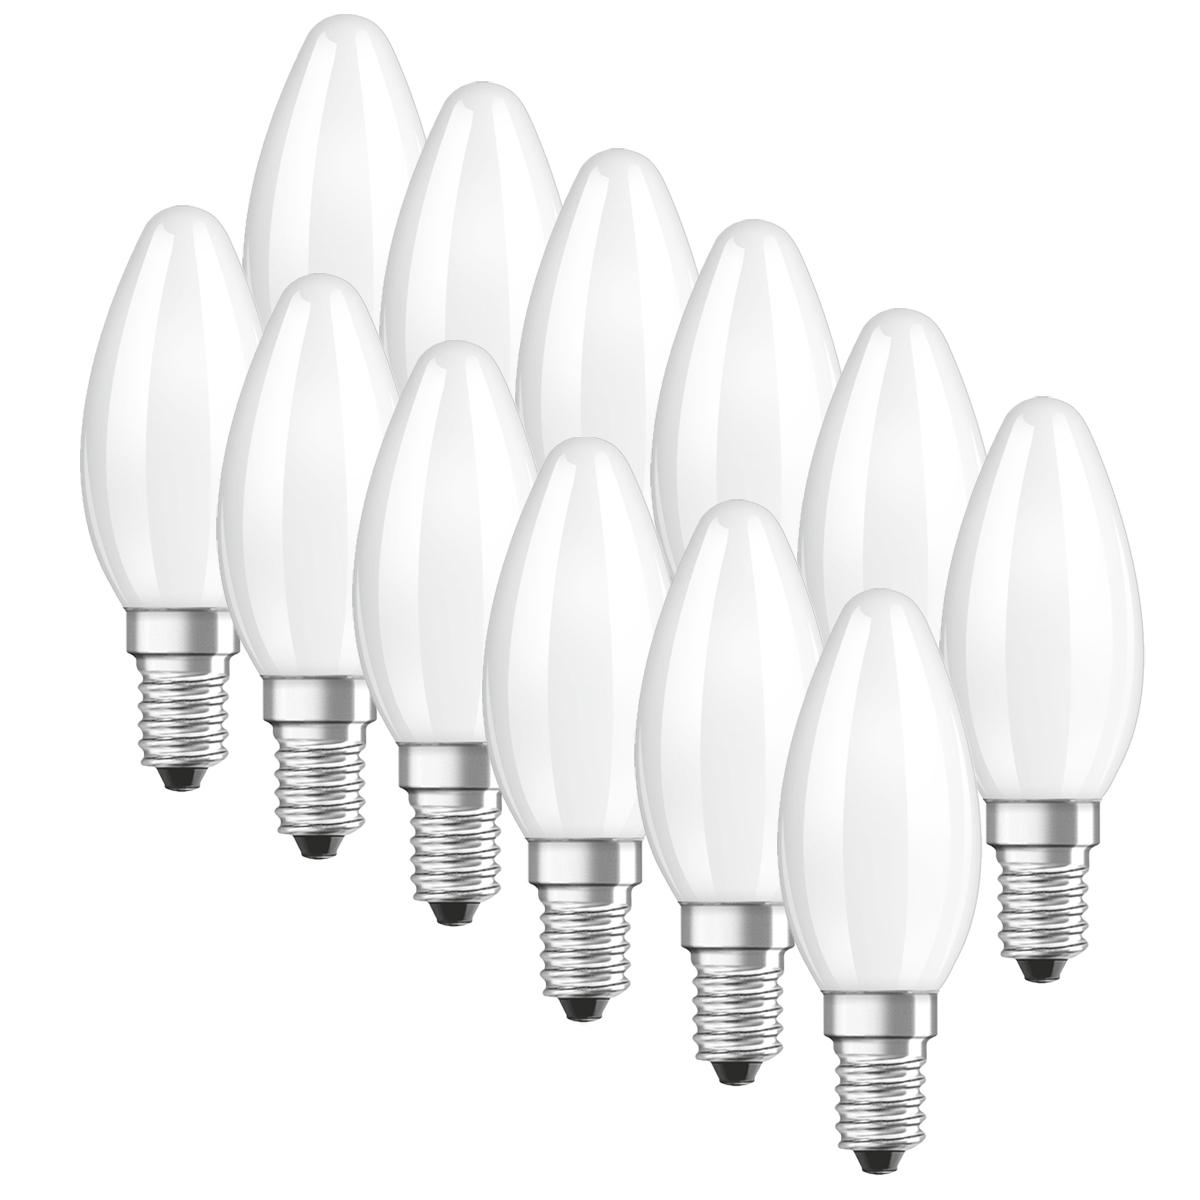 OSRAM LED BASE CLASSIC B40 Kerzenlampe 4W=40W 470lm warm white 2700K